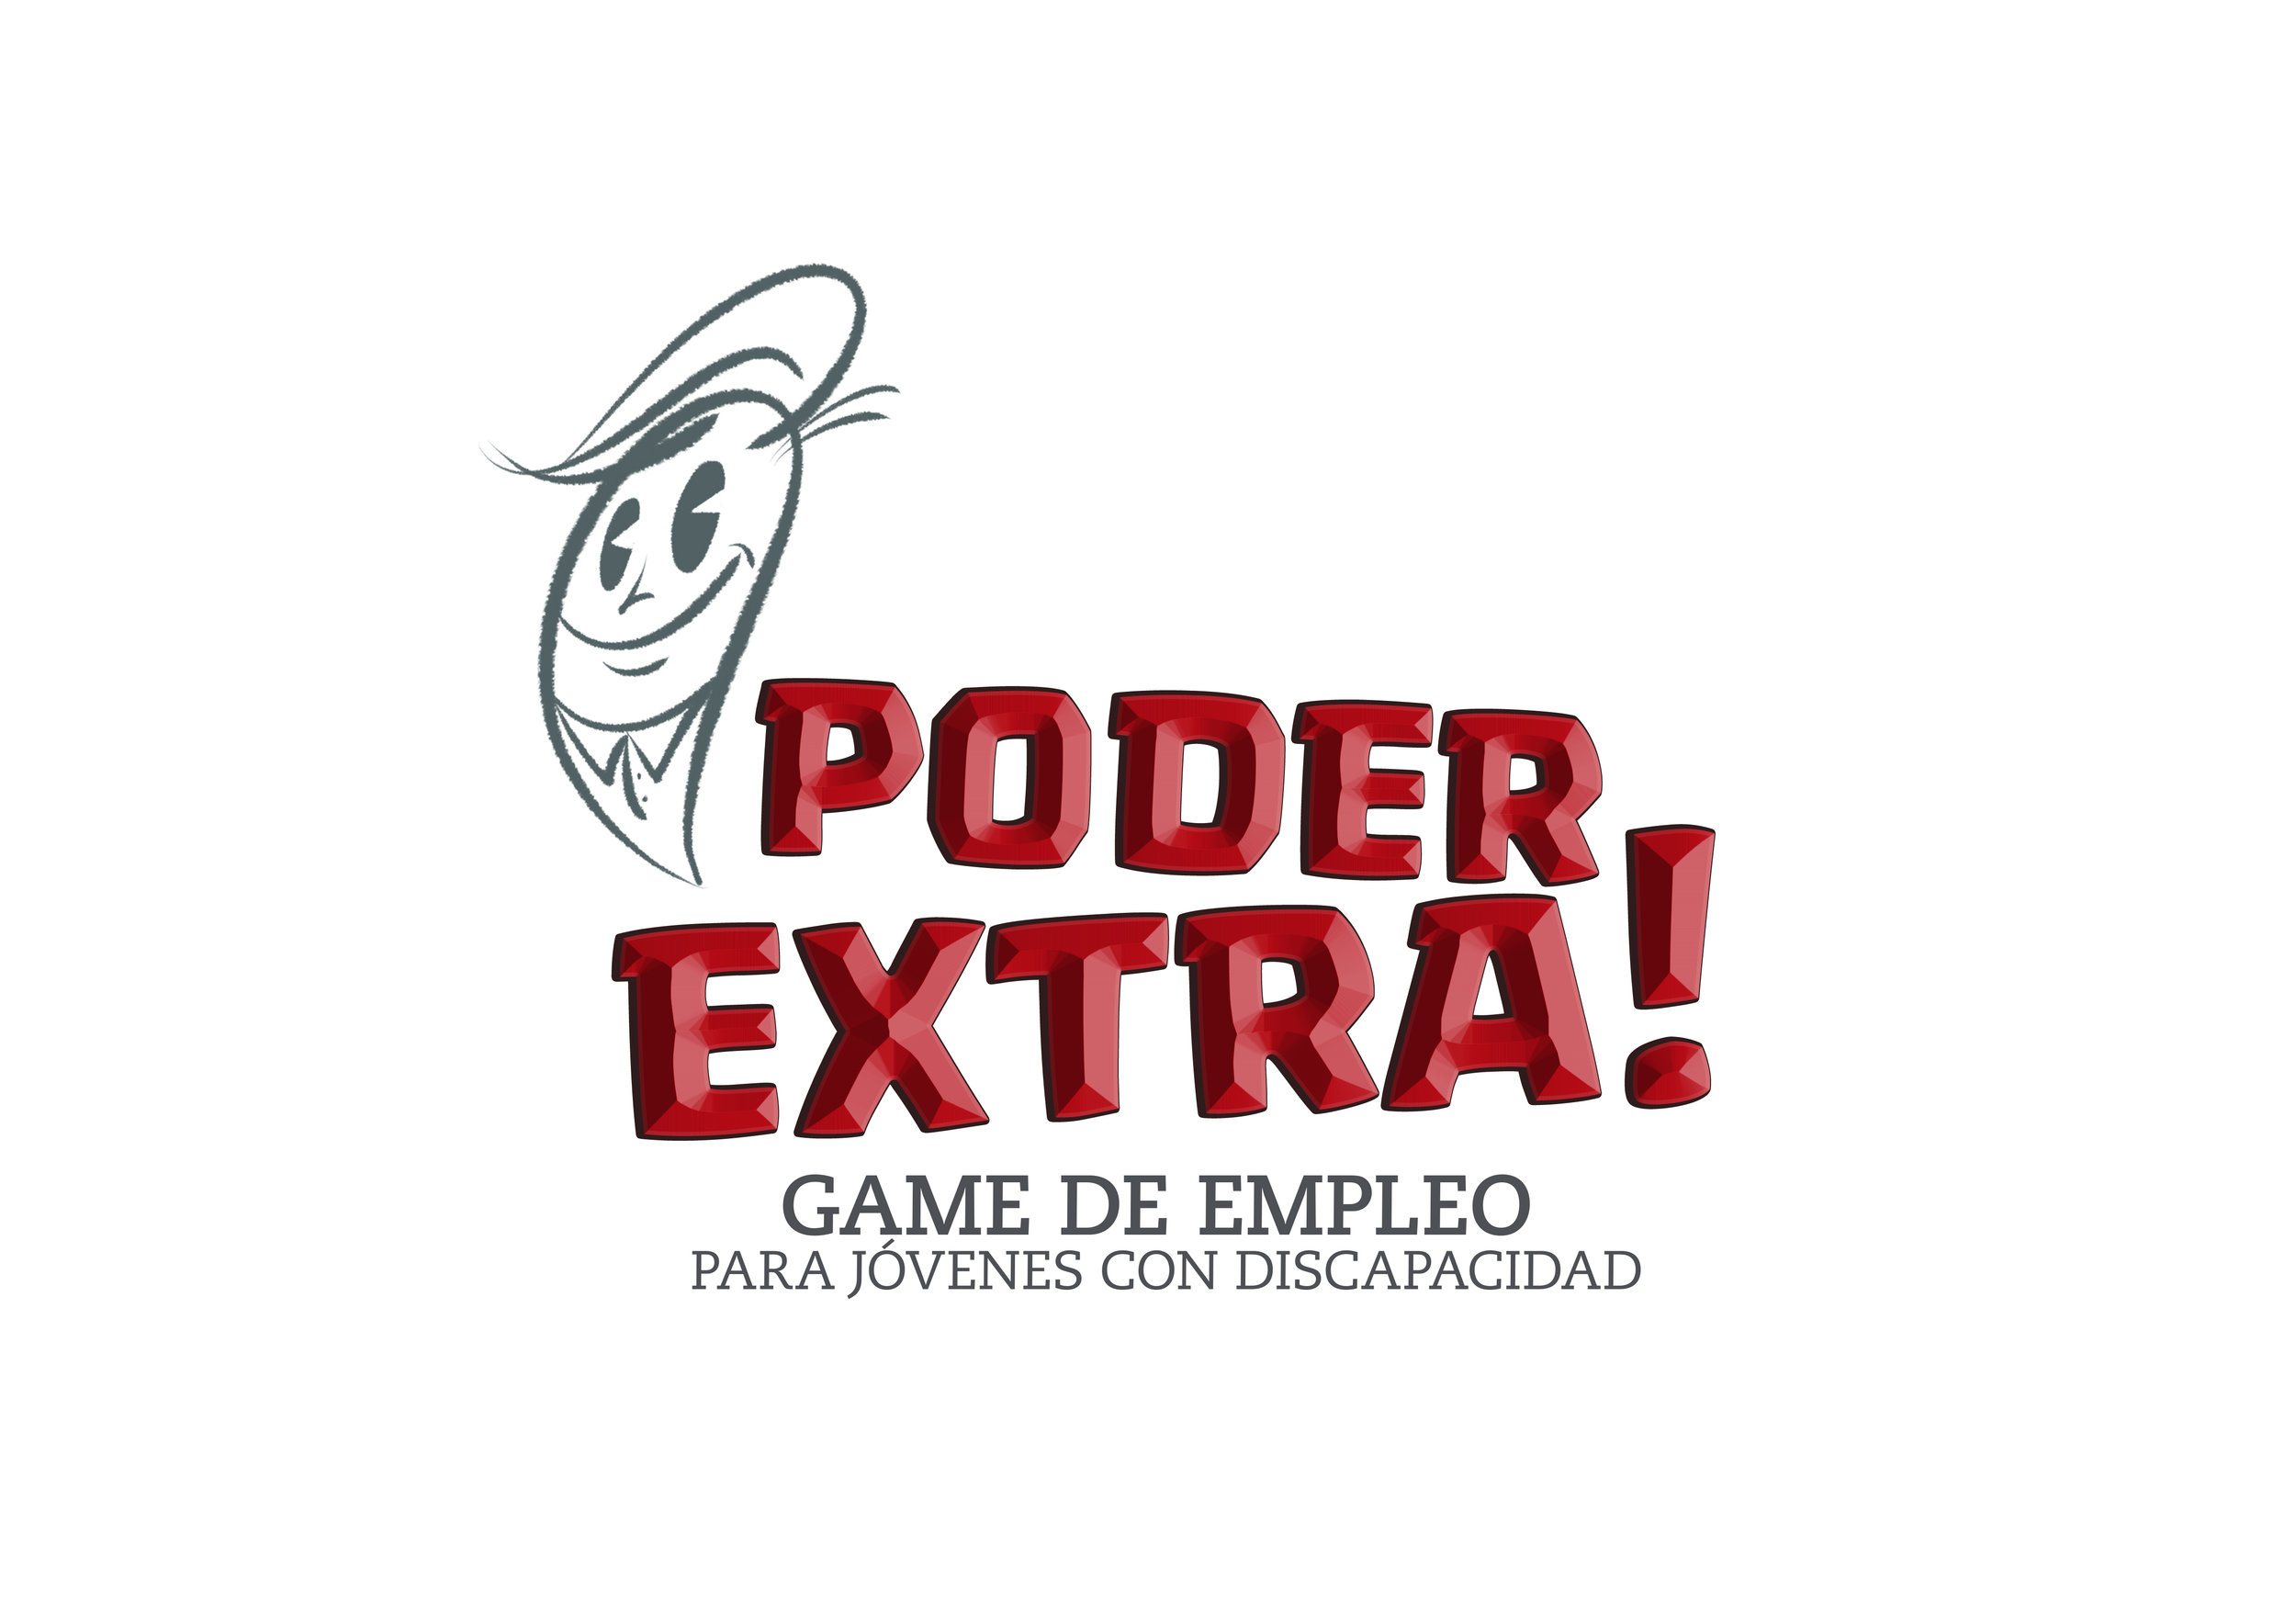 logotipo con efecto.jpg